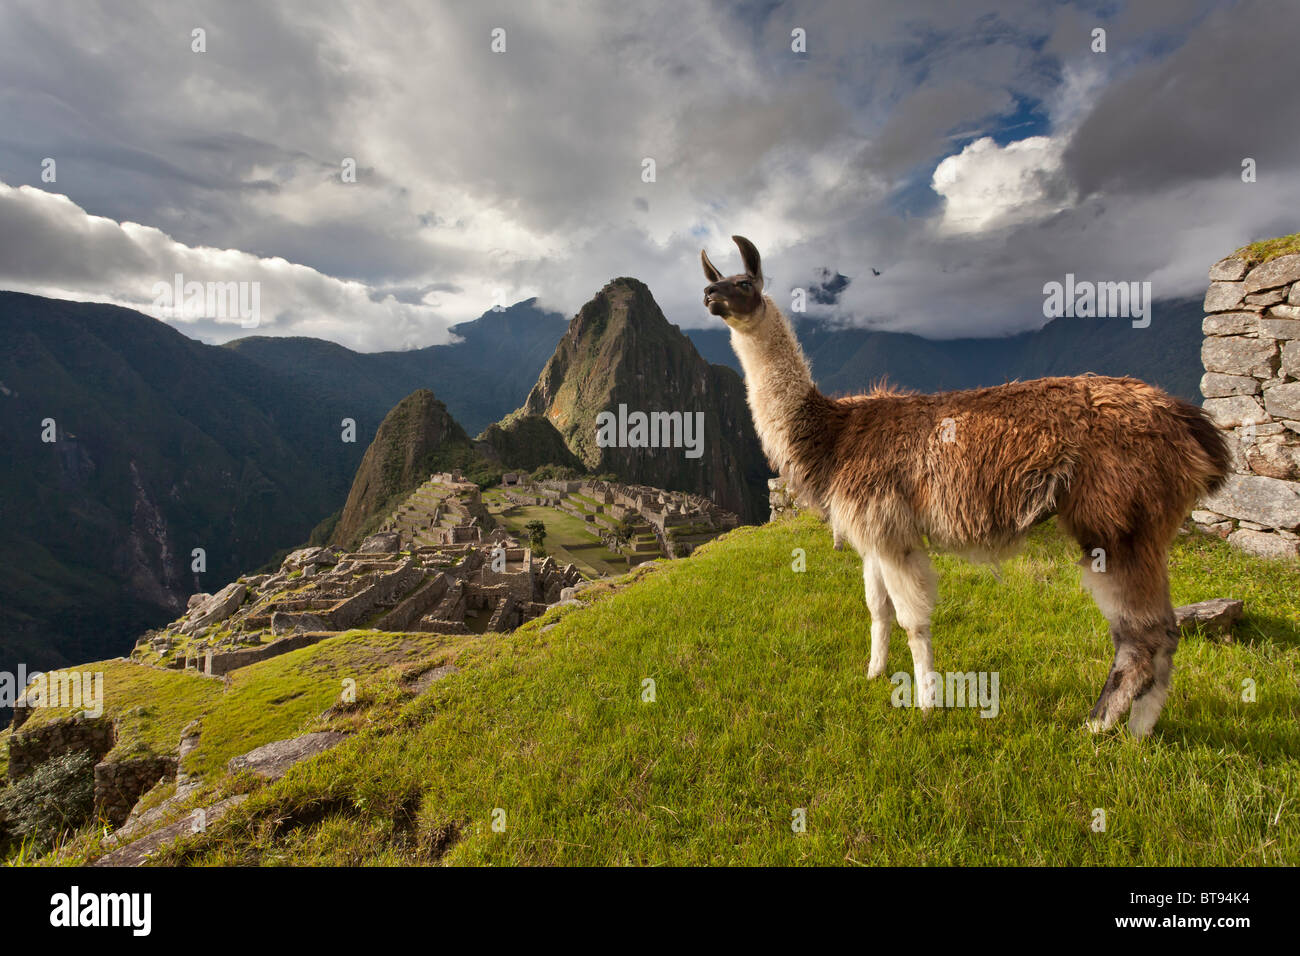 """Machu Picchu, die alten """"verlorene Stadt der Inkas"""", CA 1400, 2400 Meter.  Gipfel des Huaynapicchu (junger Stockbild"""